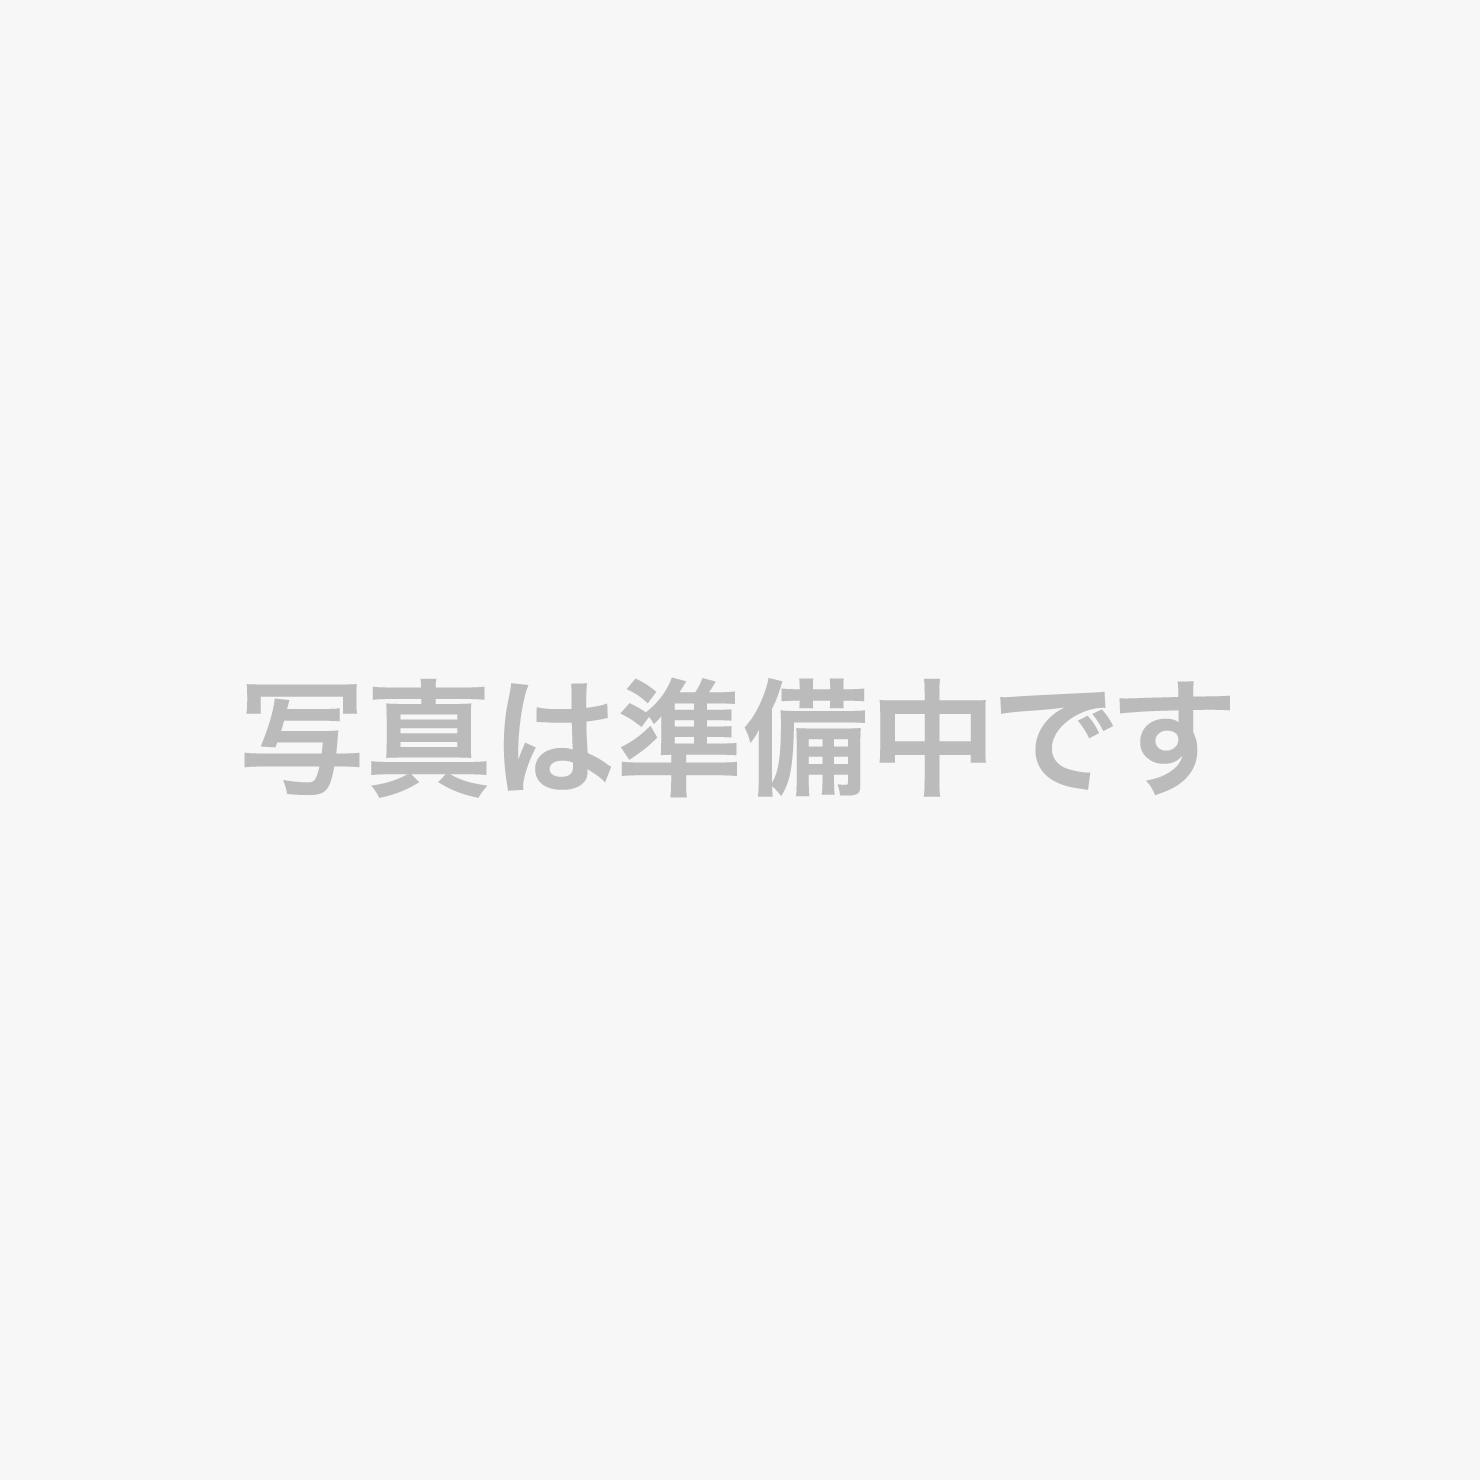 - しのびの里 - 富士五湖の新しい人気スポットです!雄大な富士山と忍者の競演が楽しめる忍者テーマヴィレッジ☆